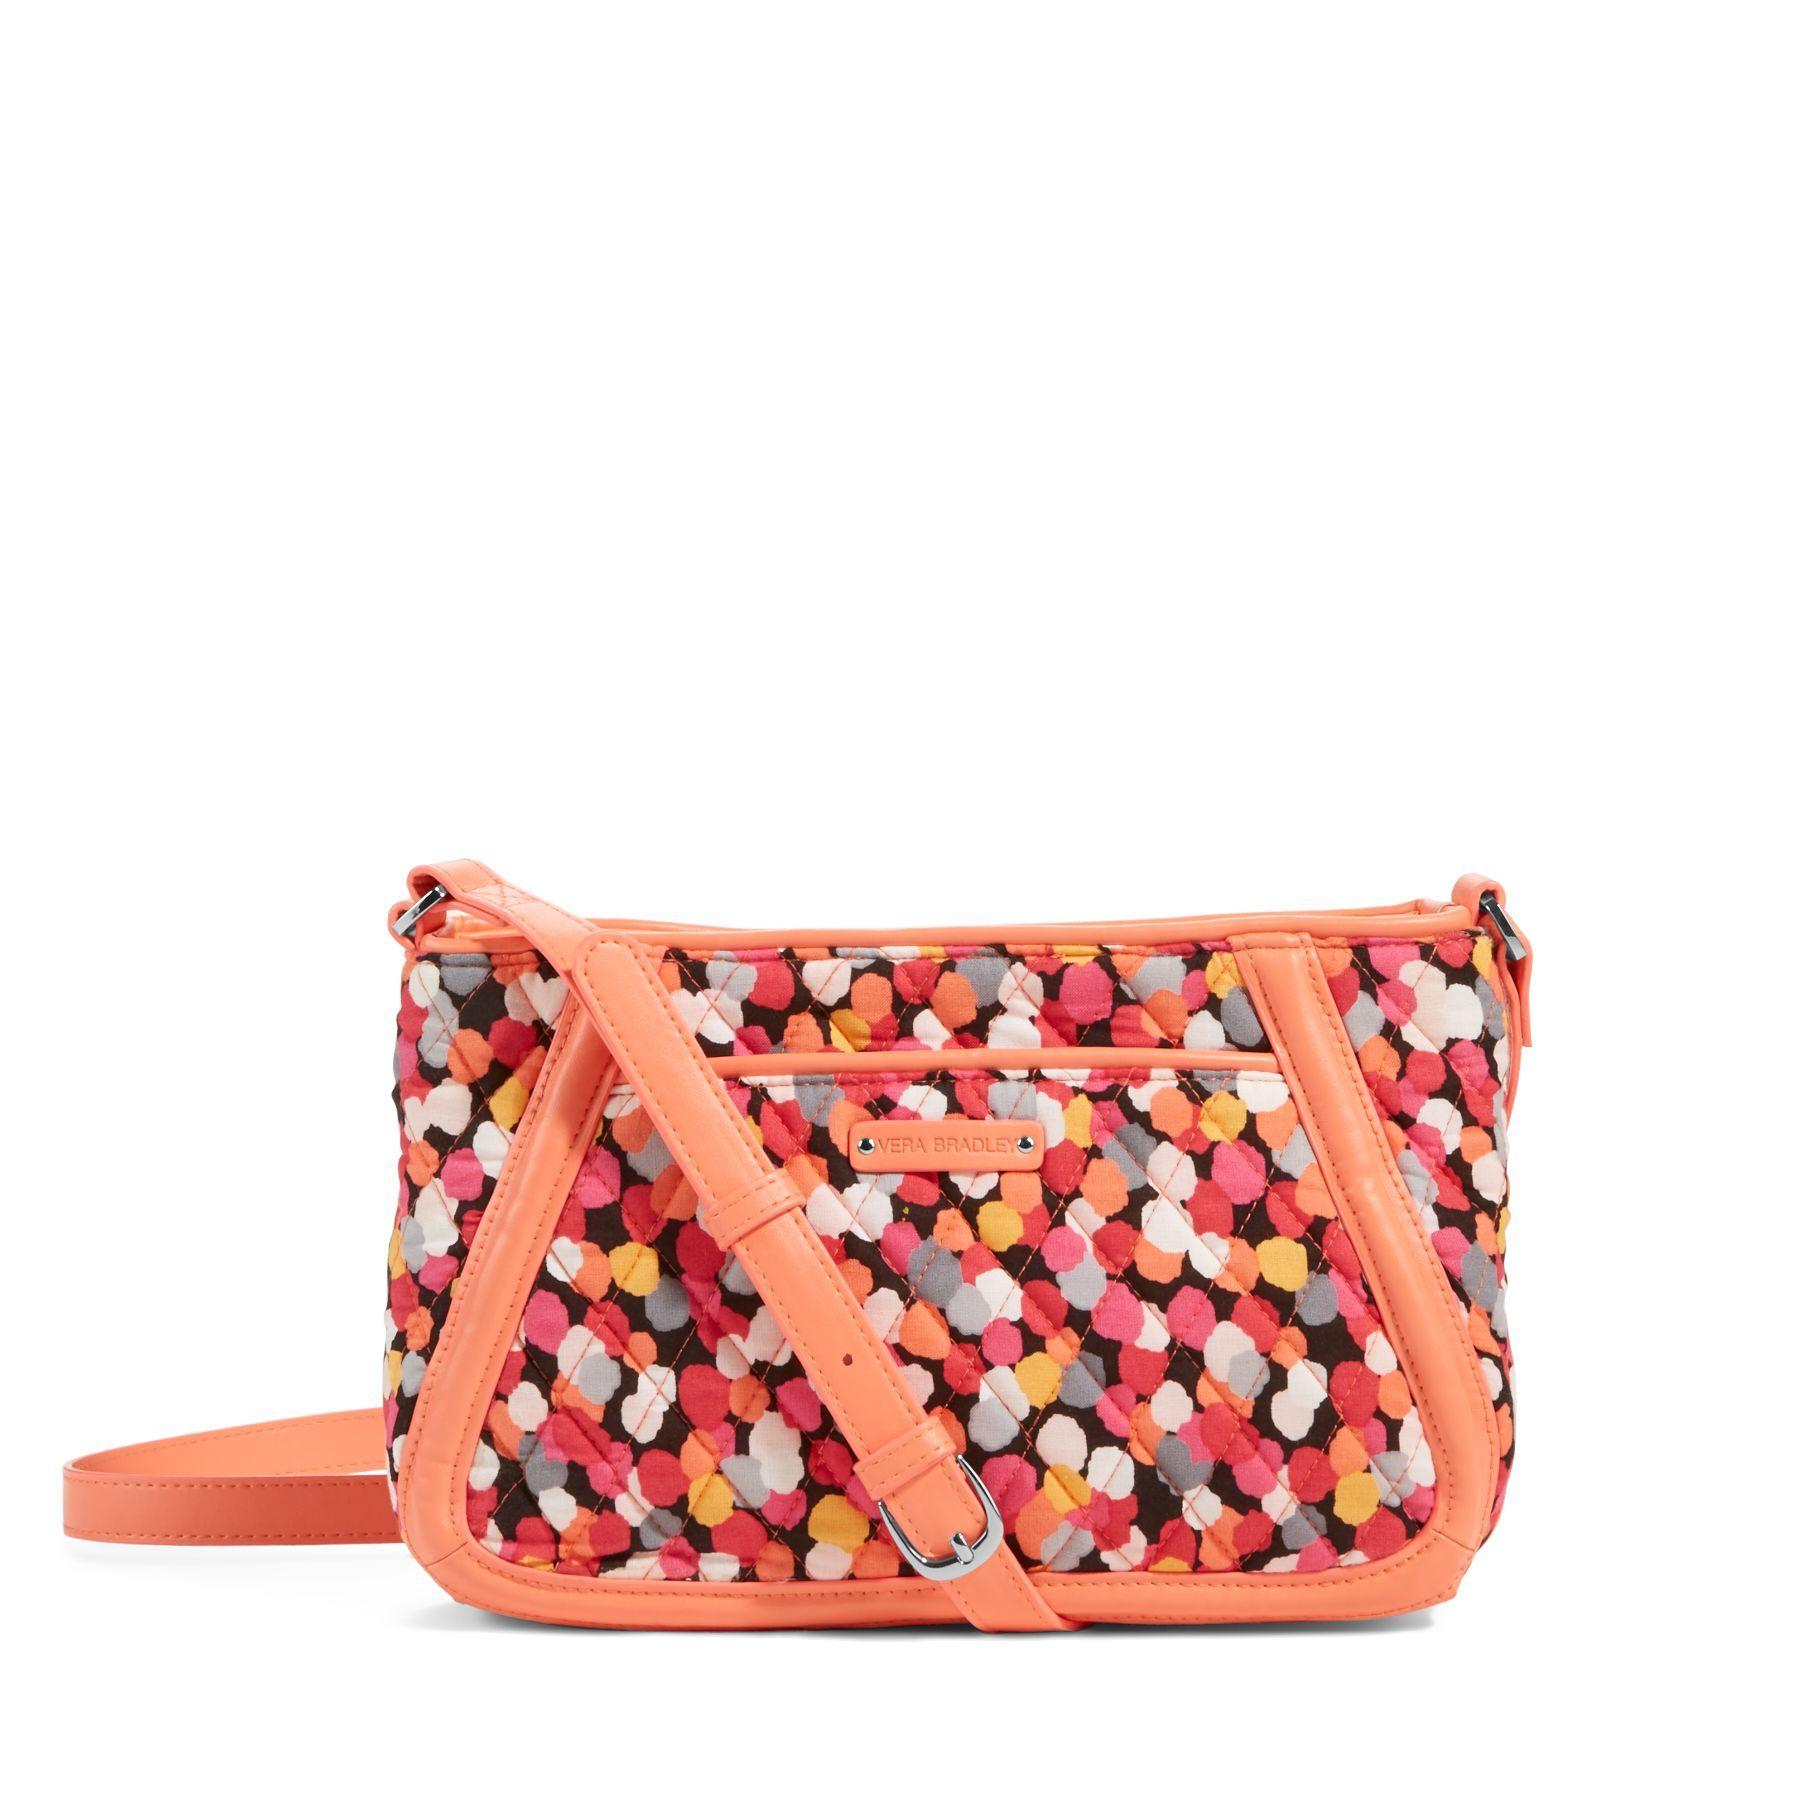 Trimmed In Pixie Bradley Trapeze Bag Crossbody Vera Confetti 8wNn0mOv